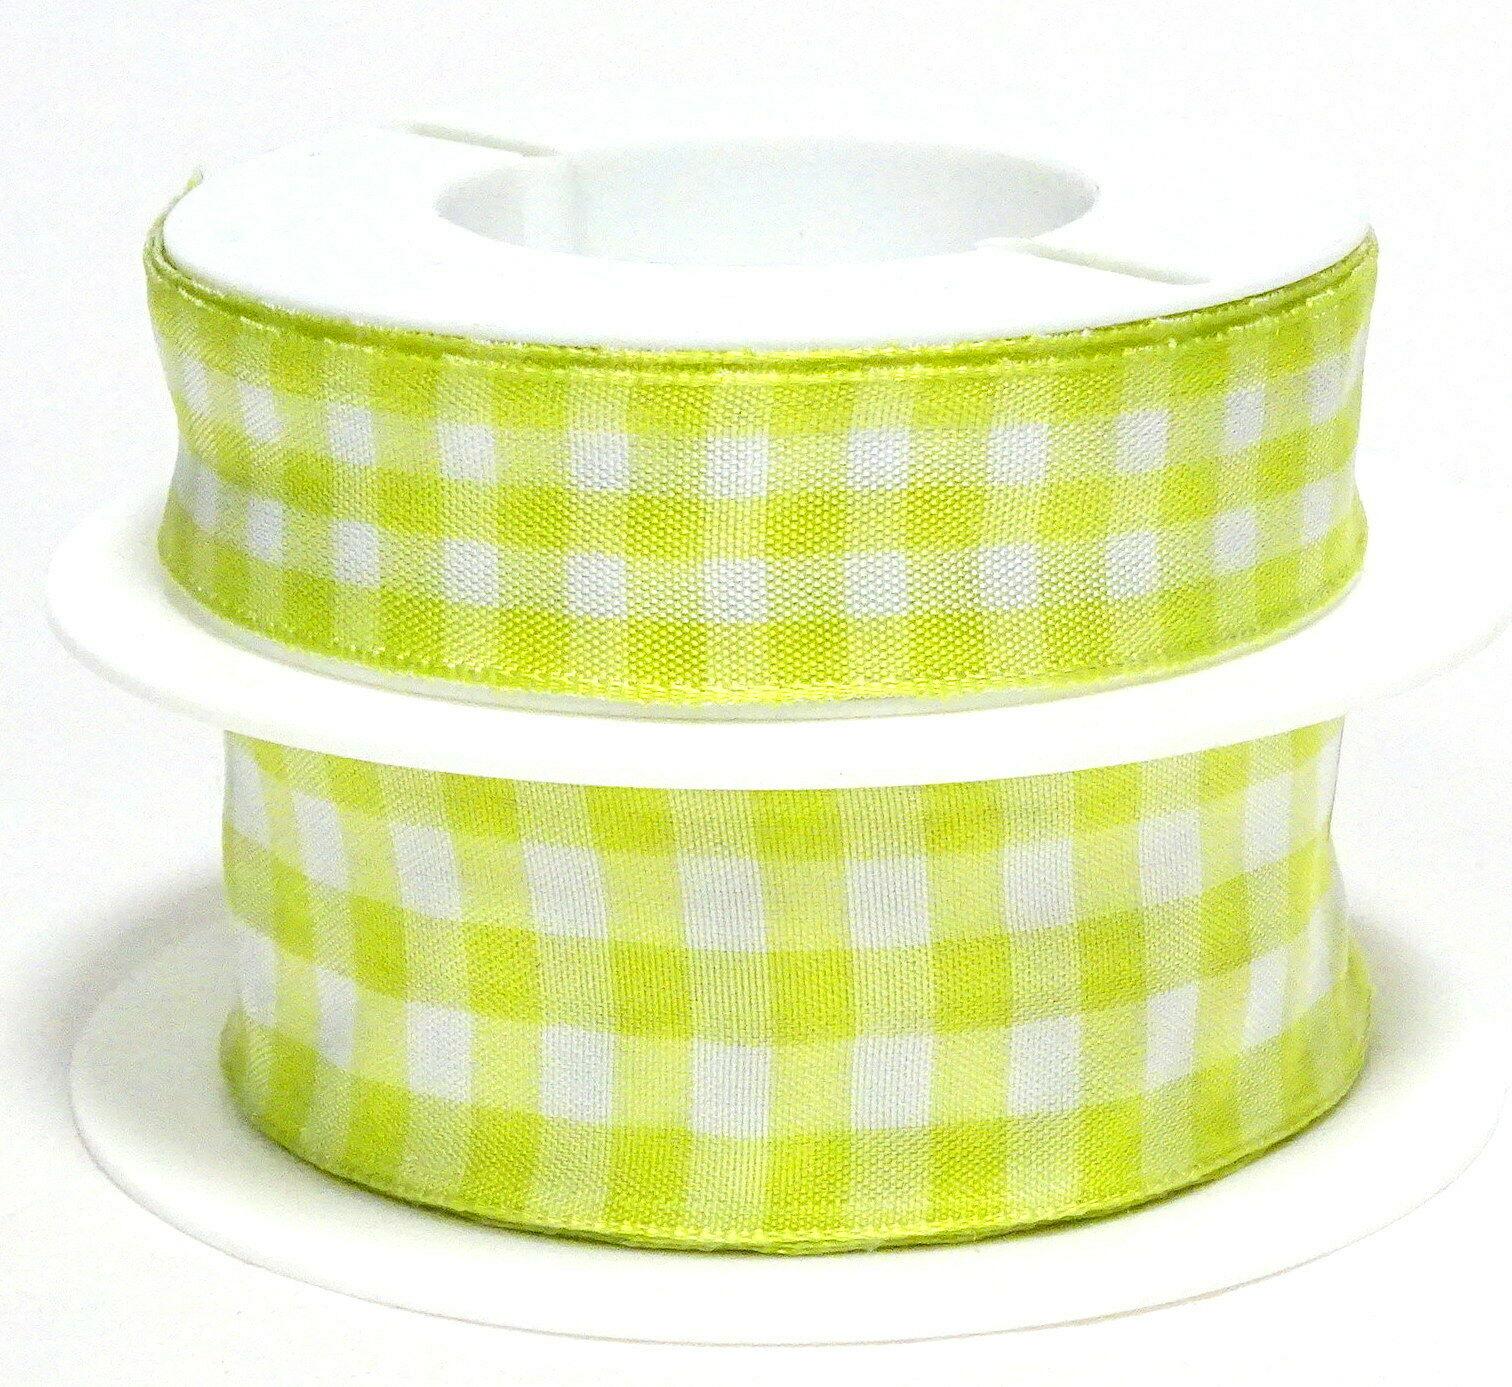 Karoband 20 m x 15mm/25mm/40mm Vichy ab 0,30€/m Schleifenband Geschenkband Deko - limone-weiß 4204, 25 mm x 20 m